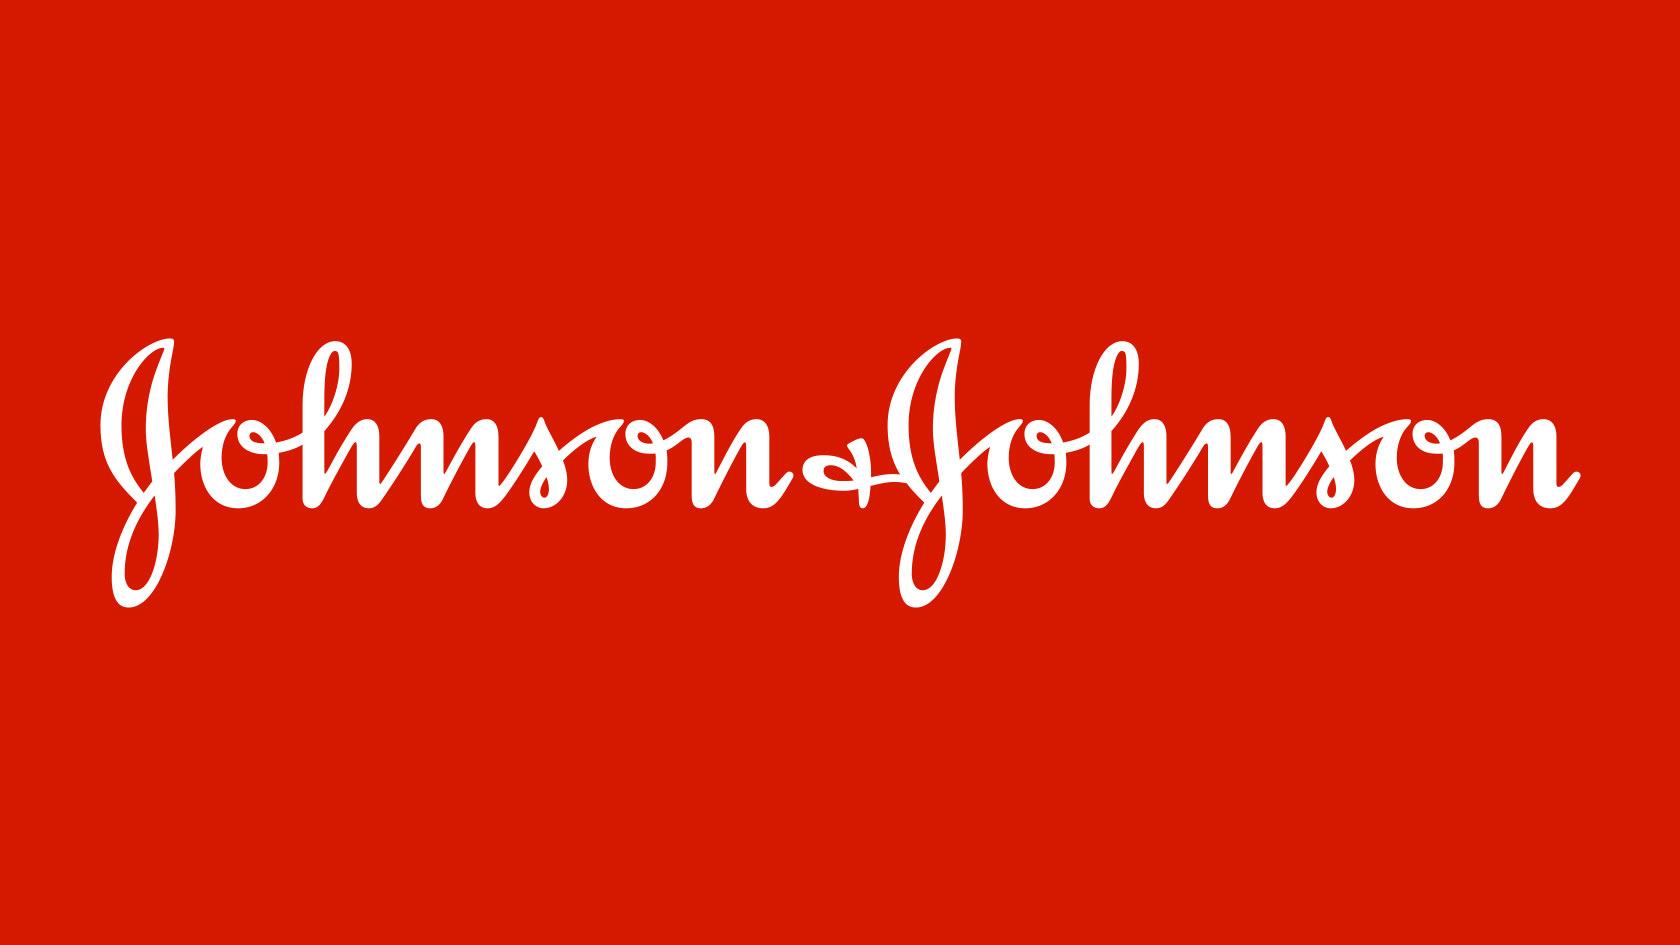 Johnson & Johnson и маркетинг-директор